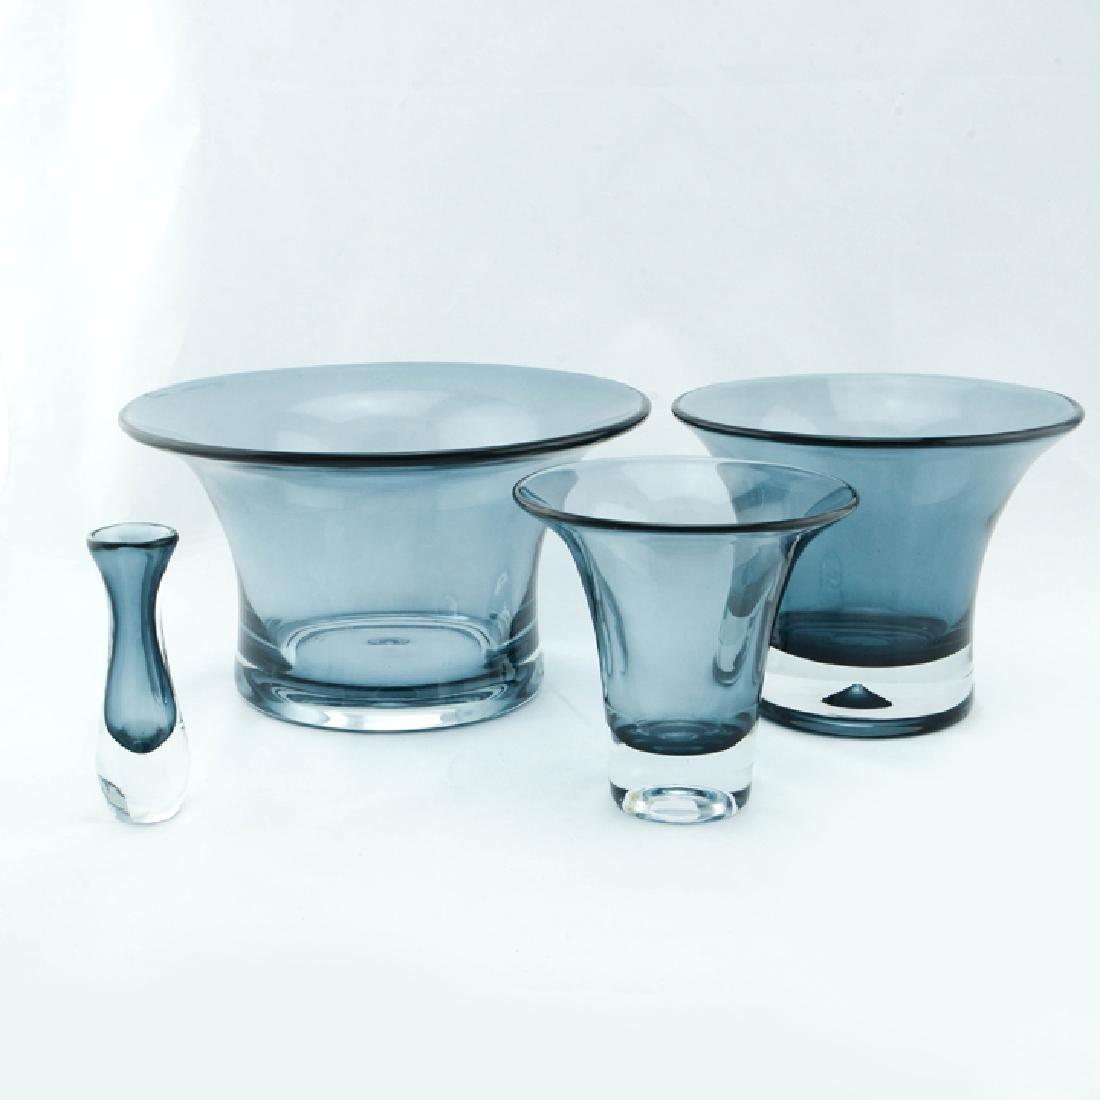 Zeisel Nambe Ohana Nesting Glass Vases - 2